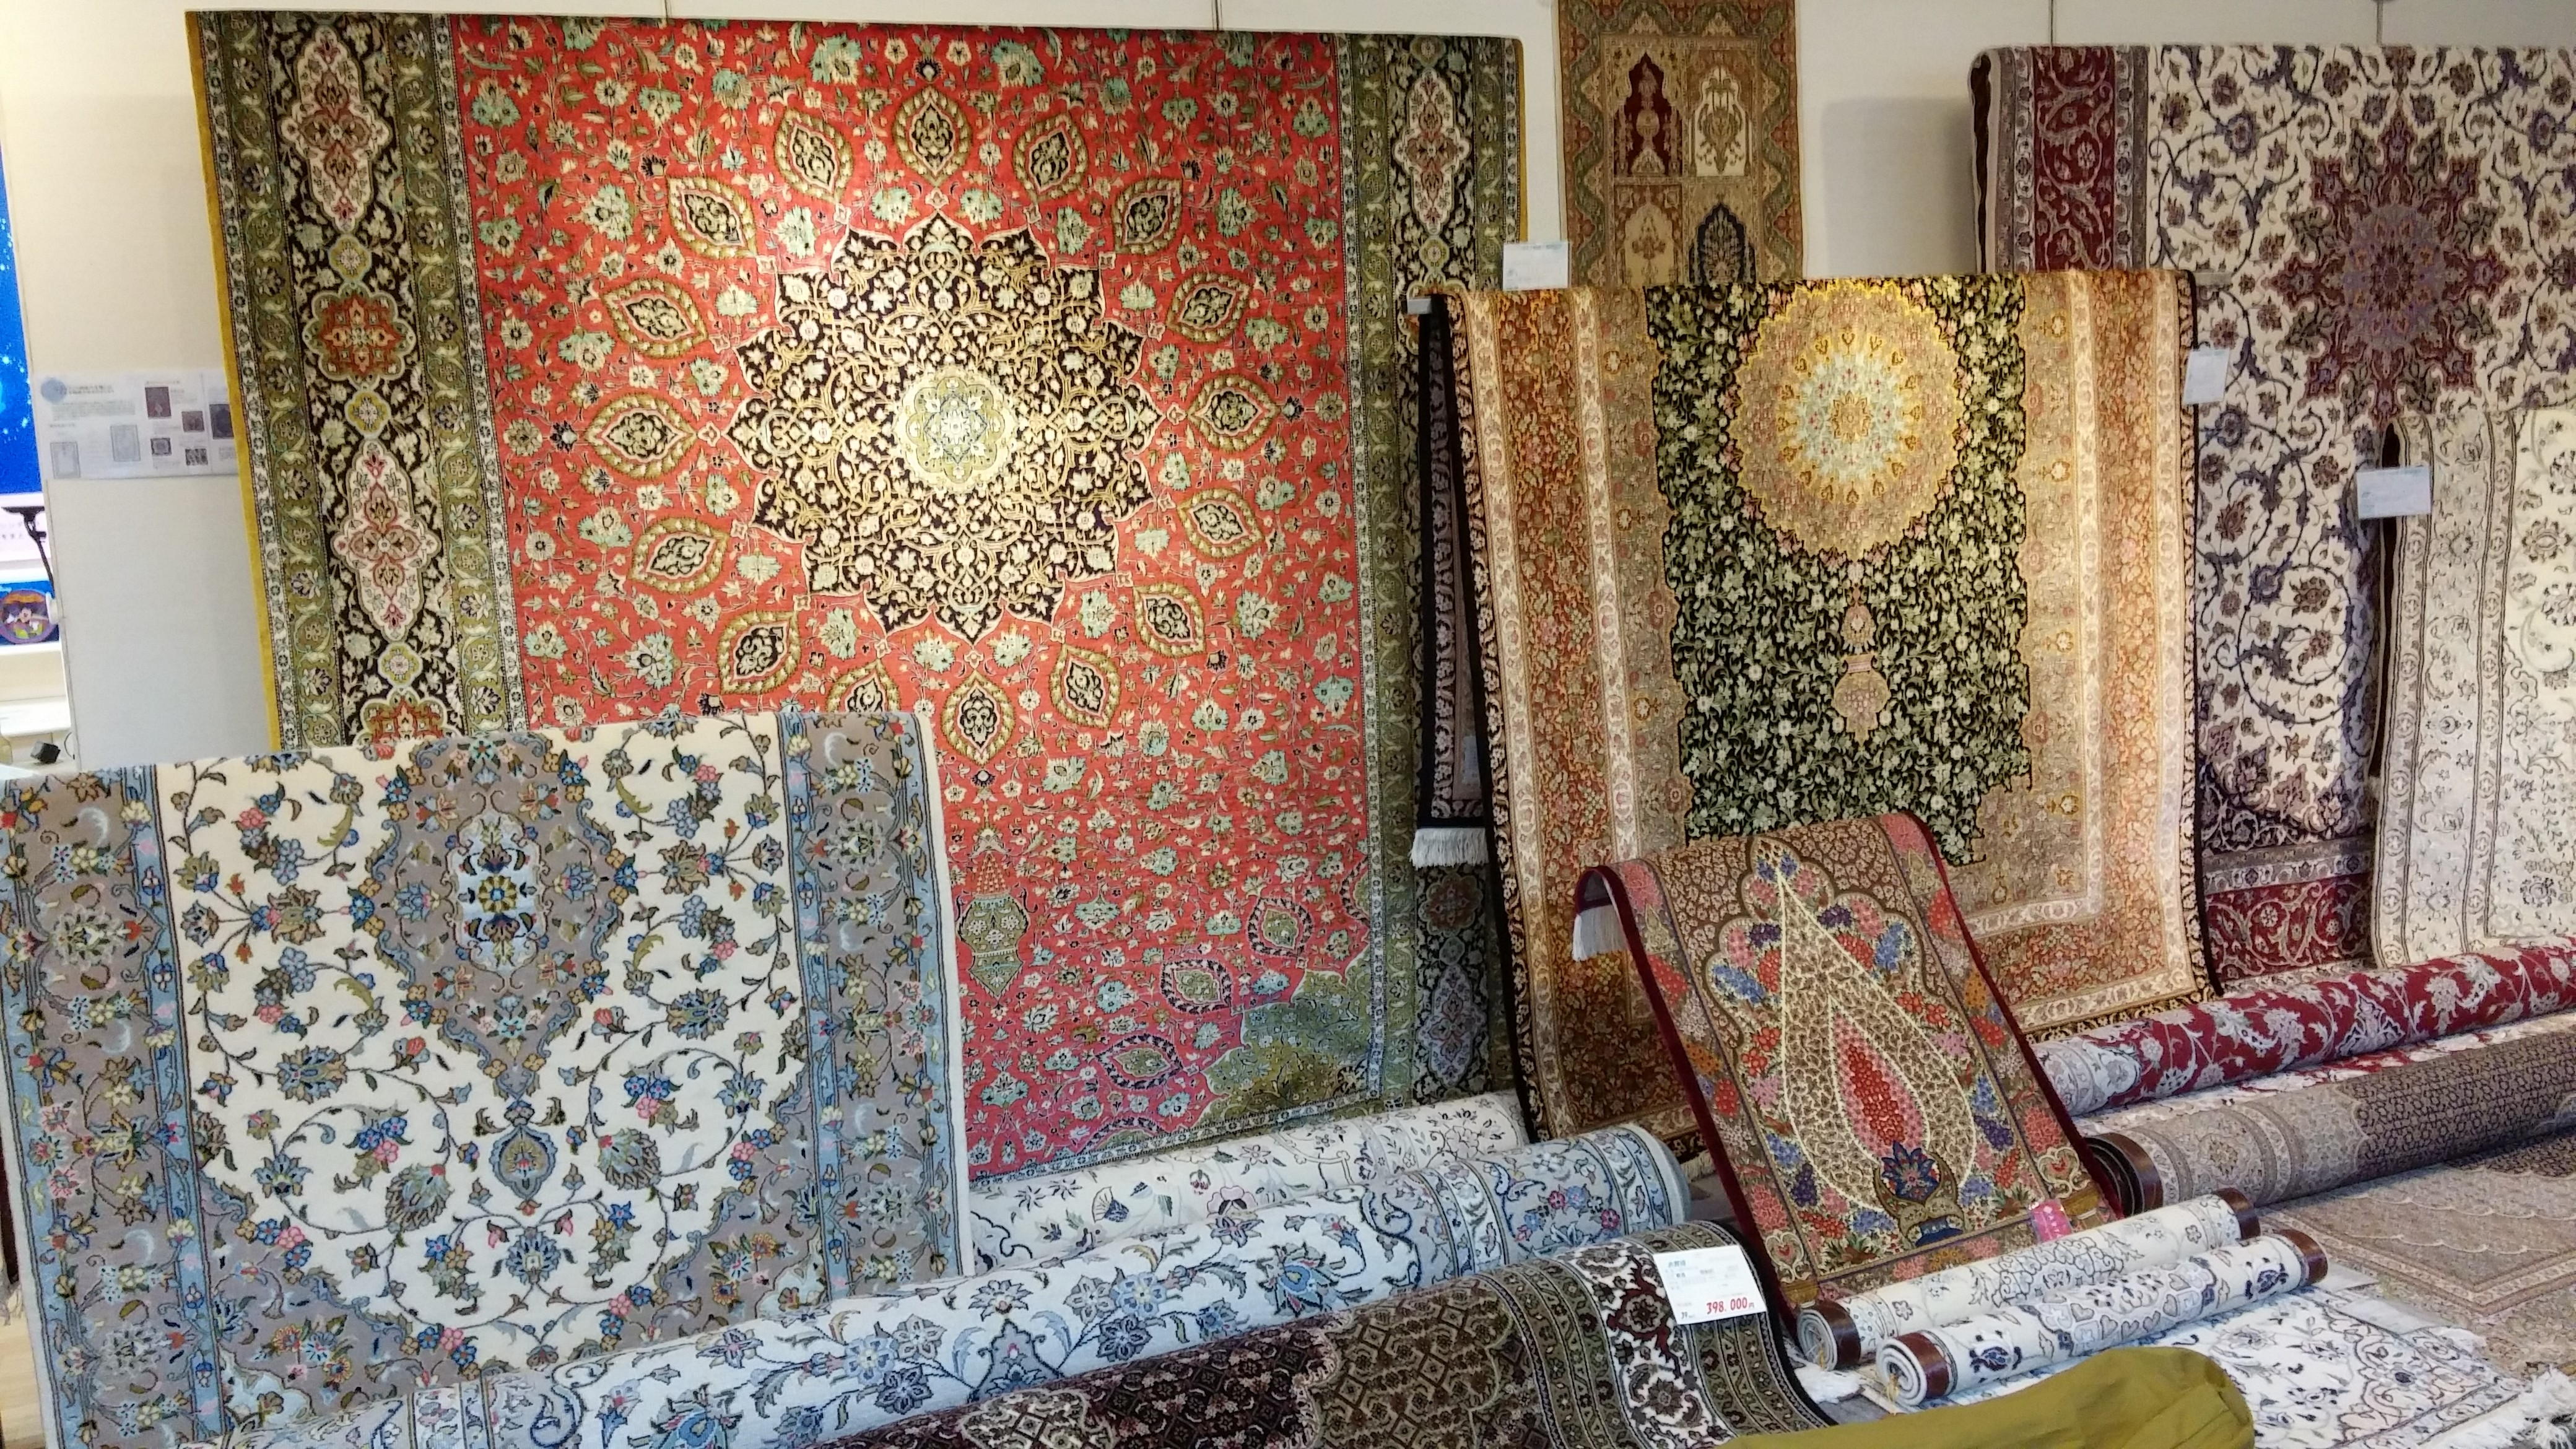 ペルシャ絨毯 コム(シルク)ヘレケ(シルク)カシャーン(ウール) など、大特価にて展示